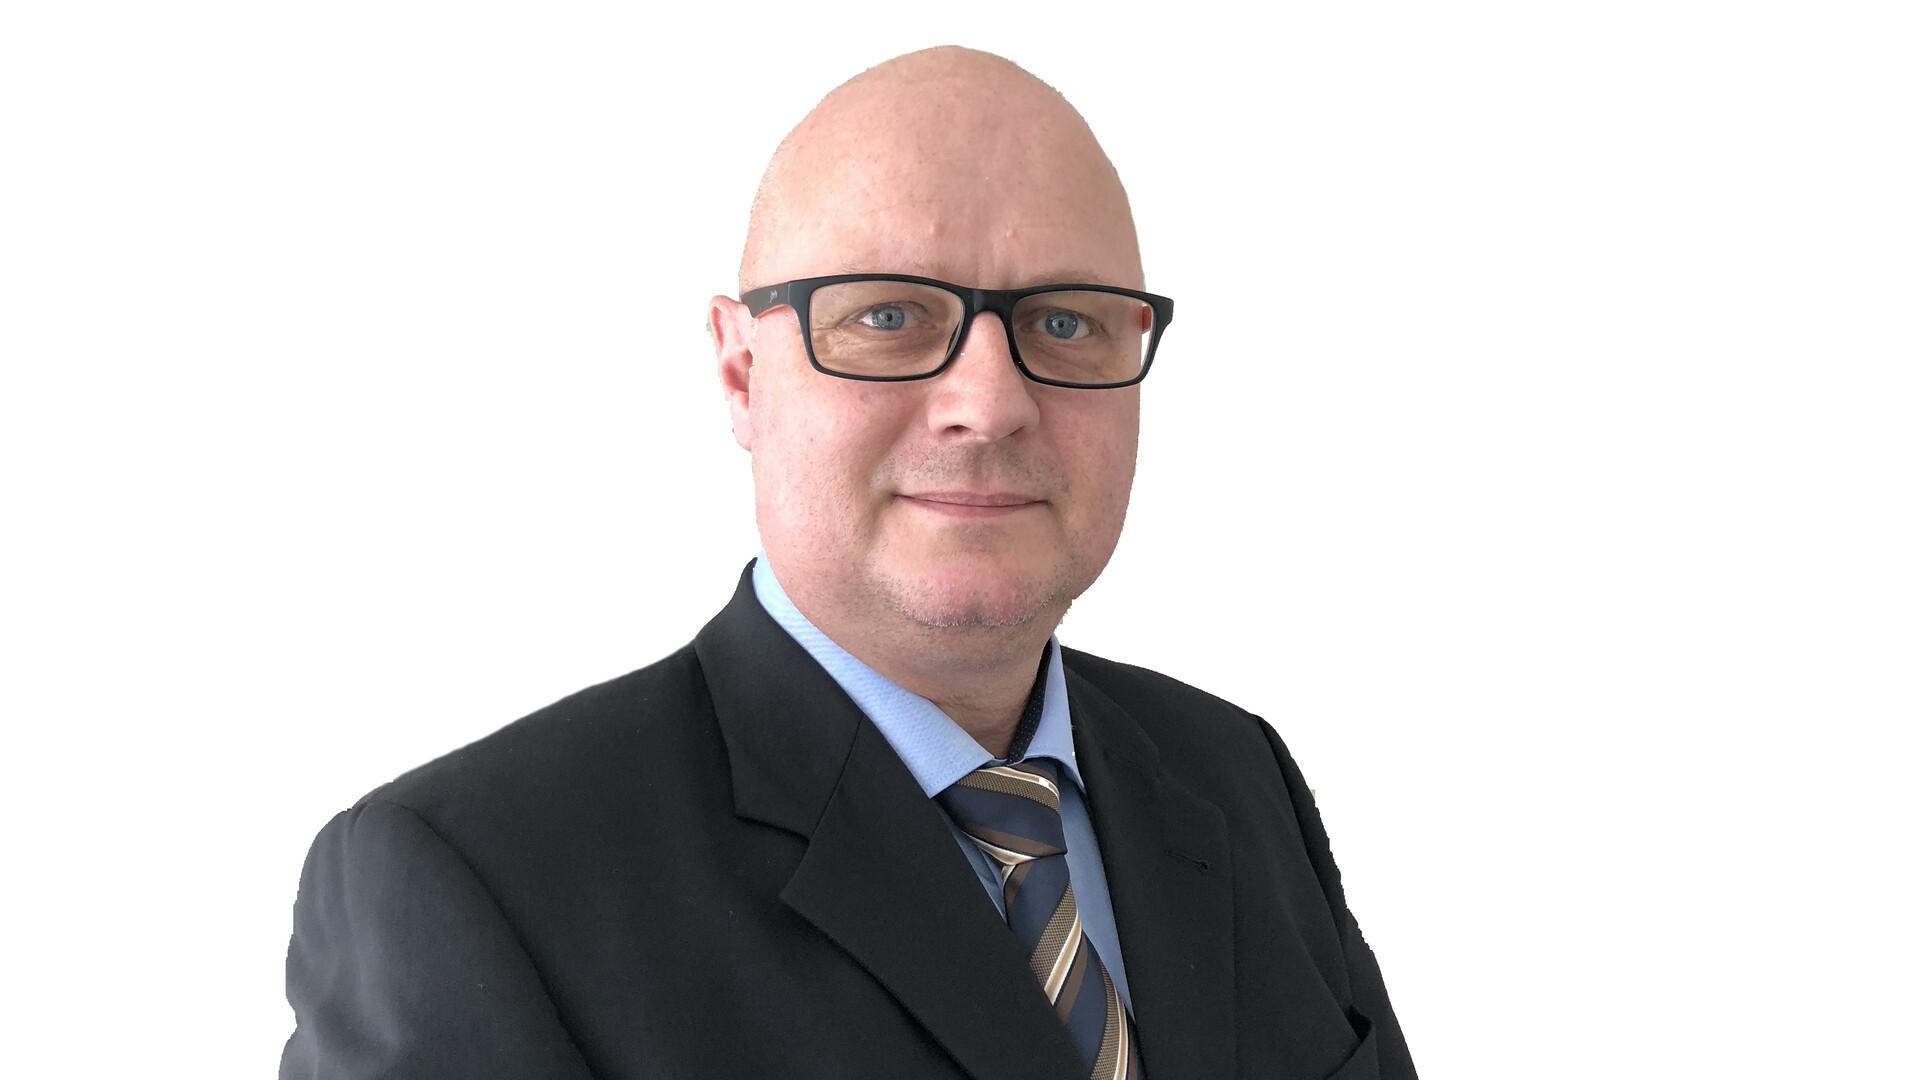 René Binder Rasmussen, Board of Directors, White Backround